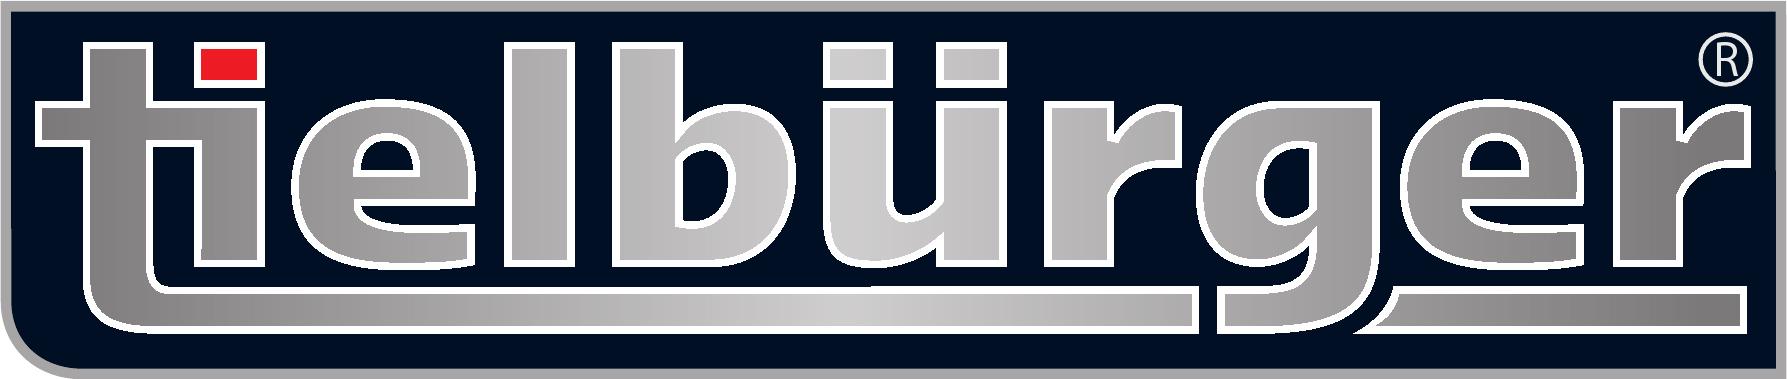 Logo-tielbuerger.jpg